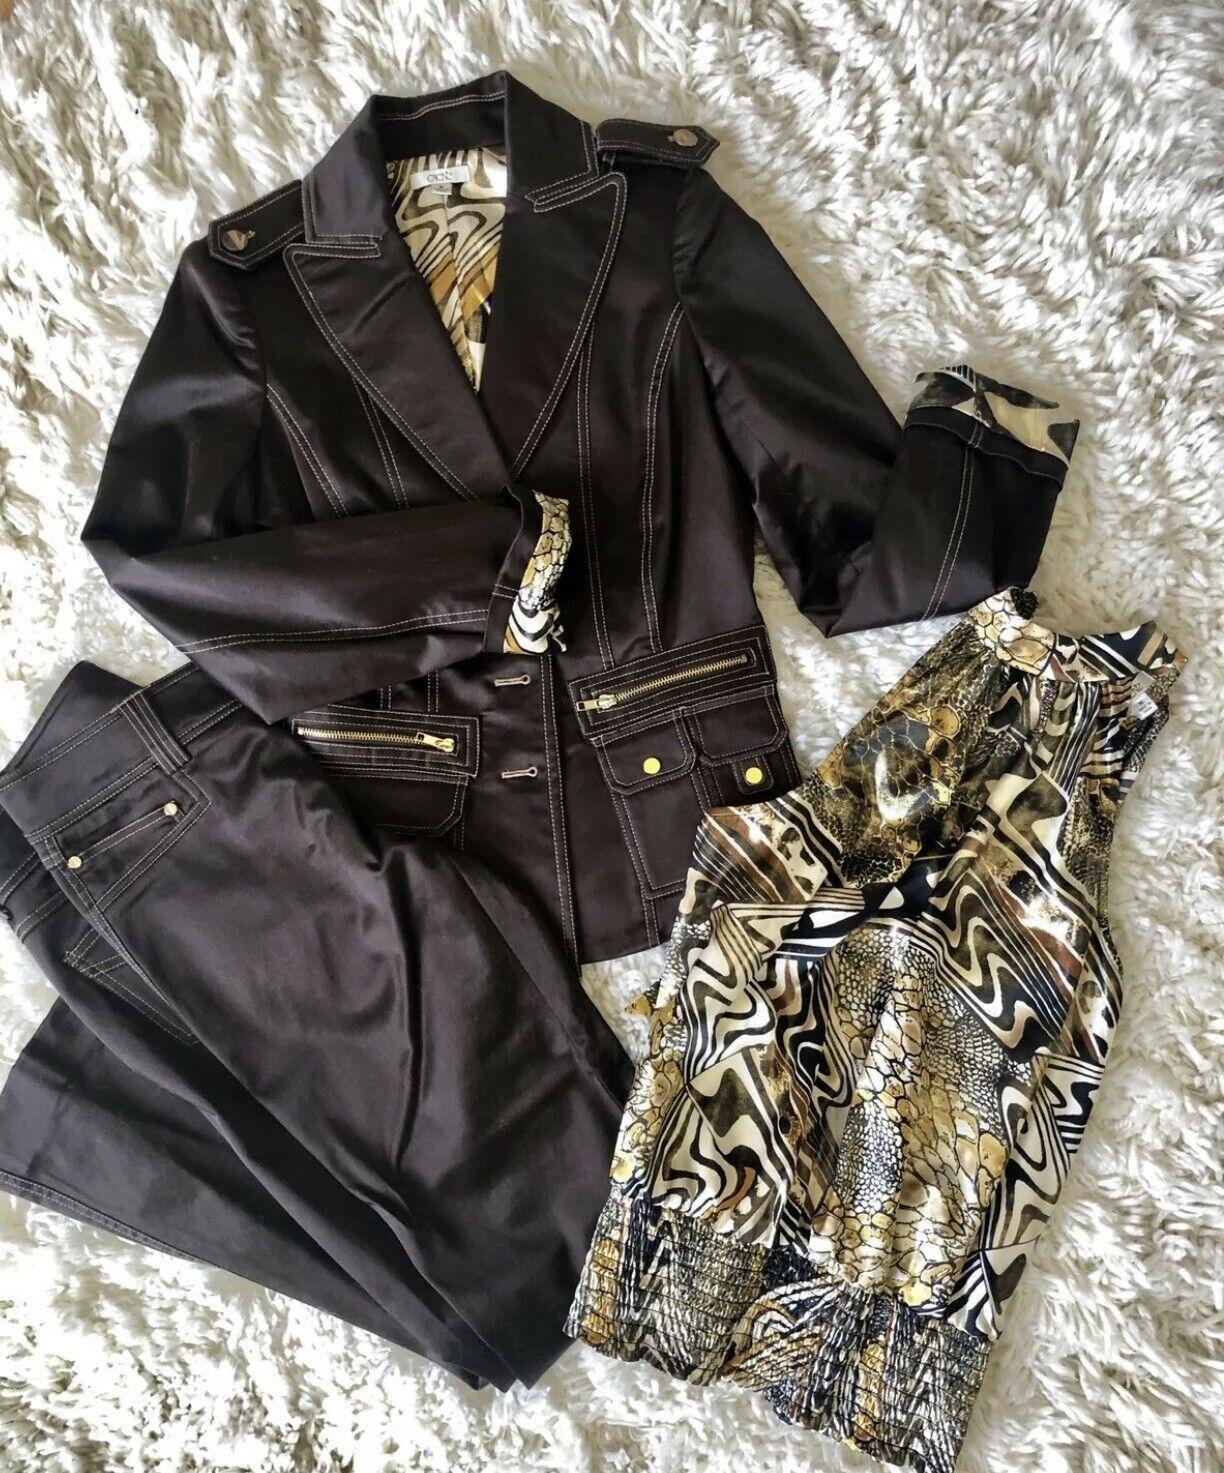 Cache Contour Satin Brown Suit Blazer XS Pants 2 top XS 3 Pcs  Pucciesque Lining